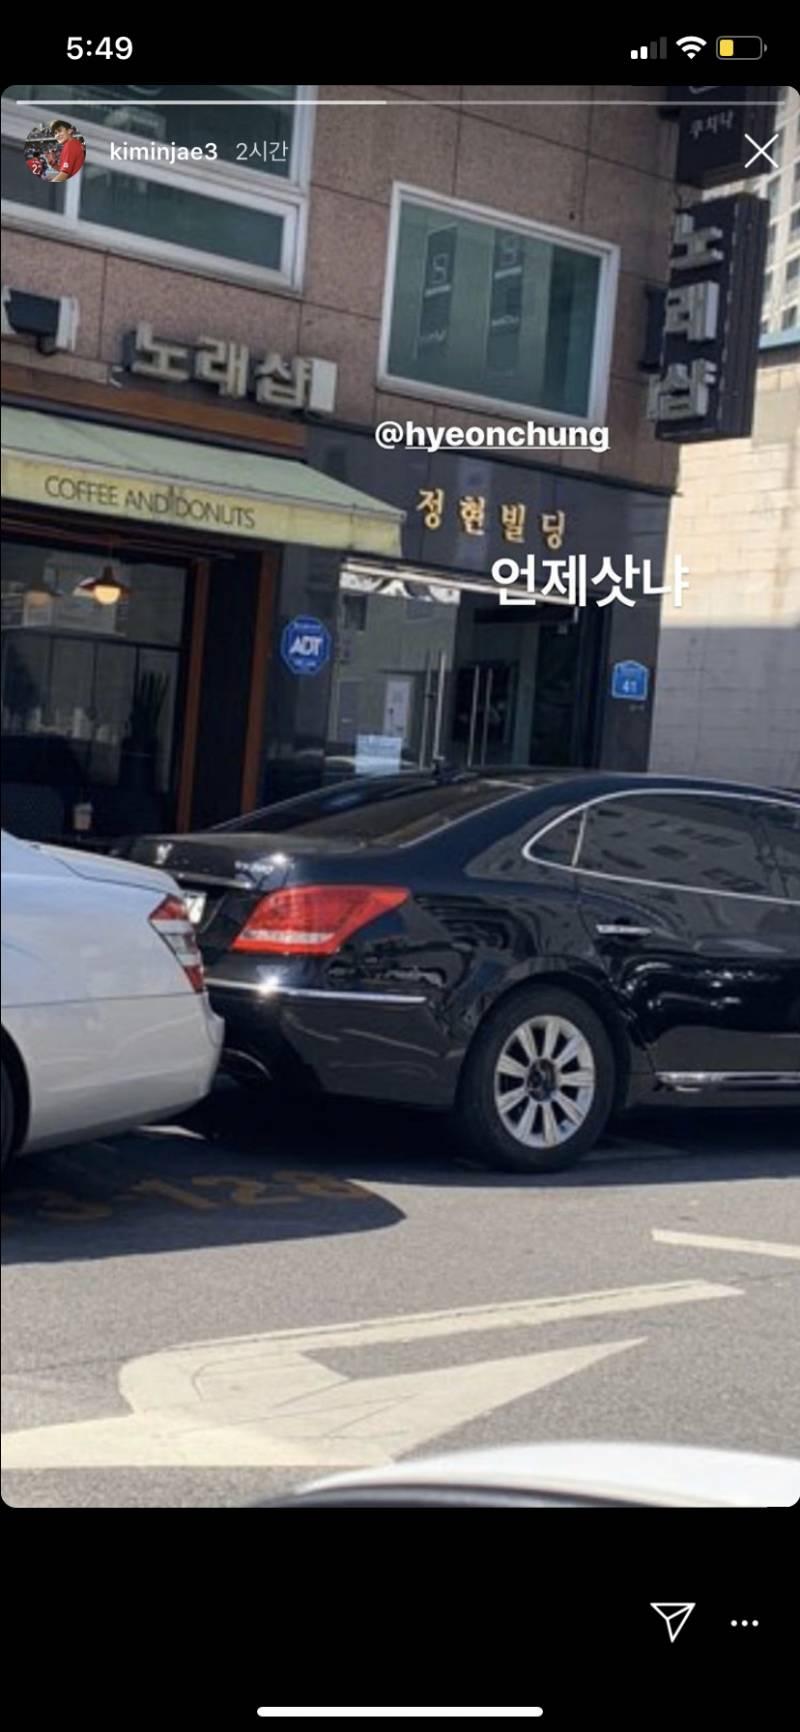 김민재 이제 하다하다 로드뷰보는겨...? | 인스티즈